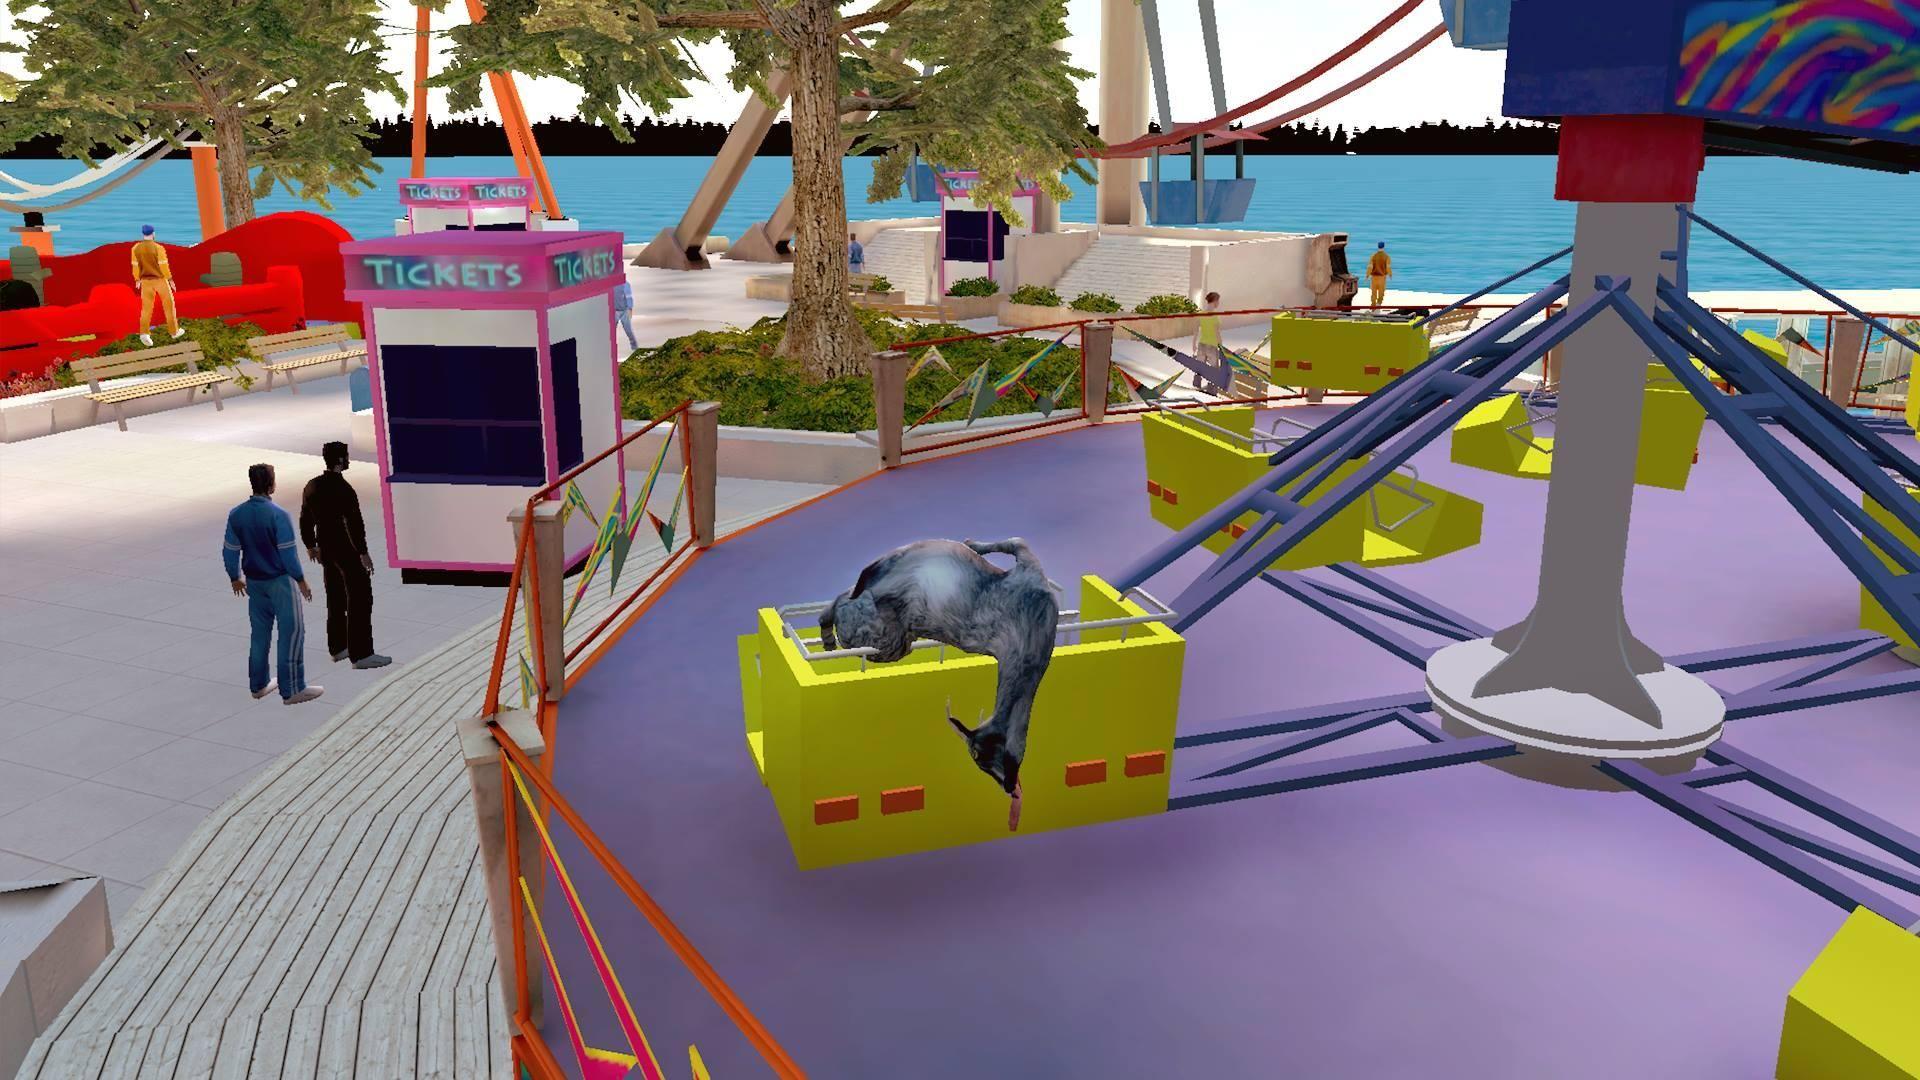 模拟山羊 免费版 游戏截图2